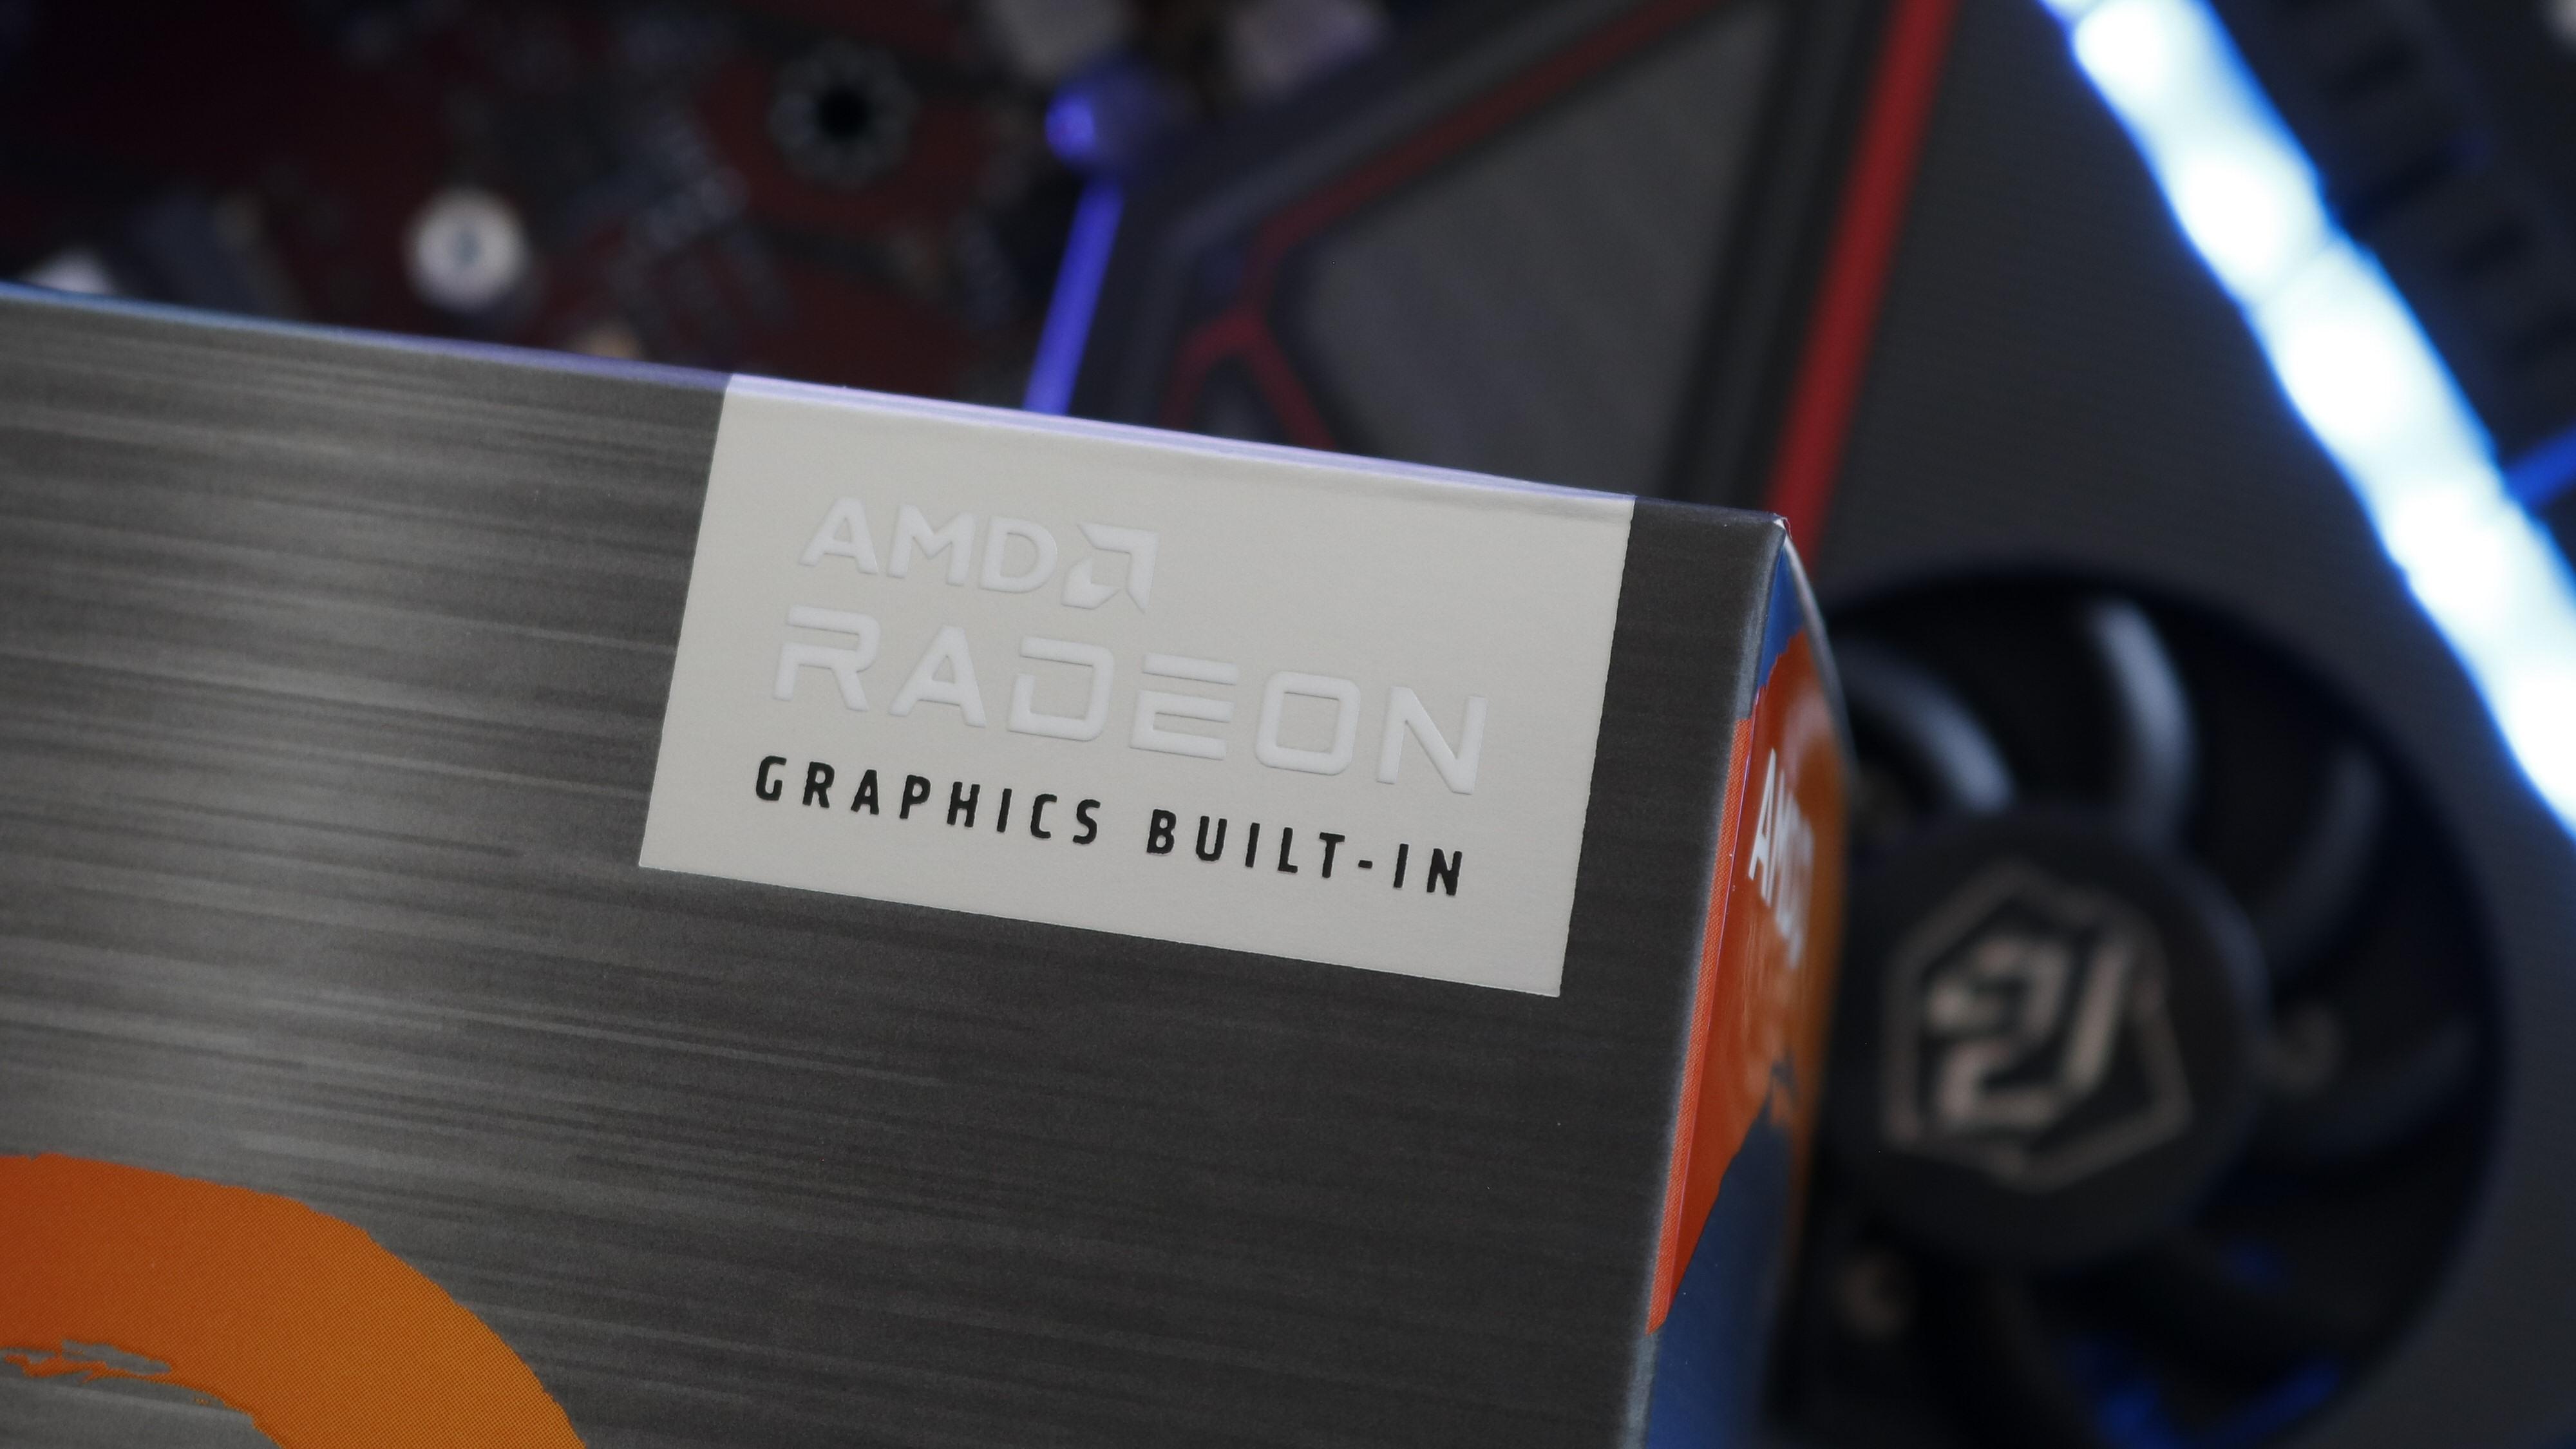 G-prosessorene har et avslørende merke på esken.